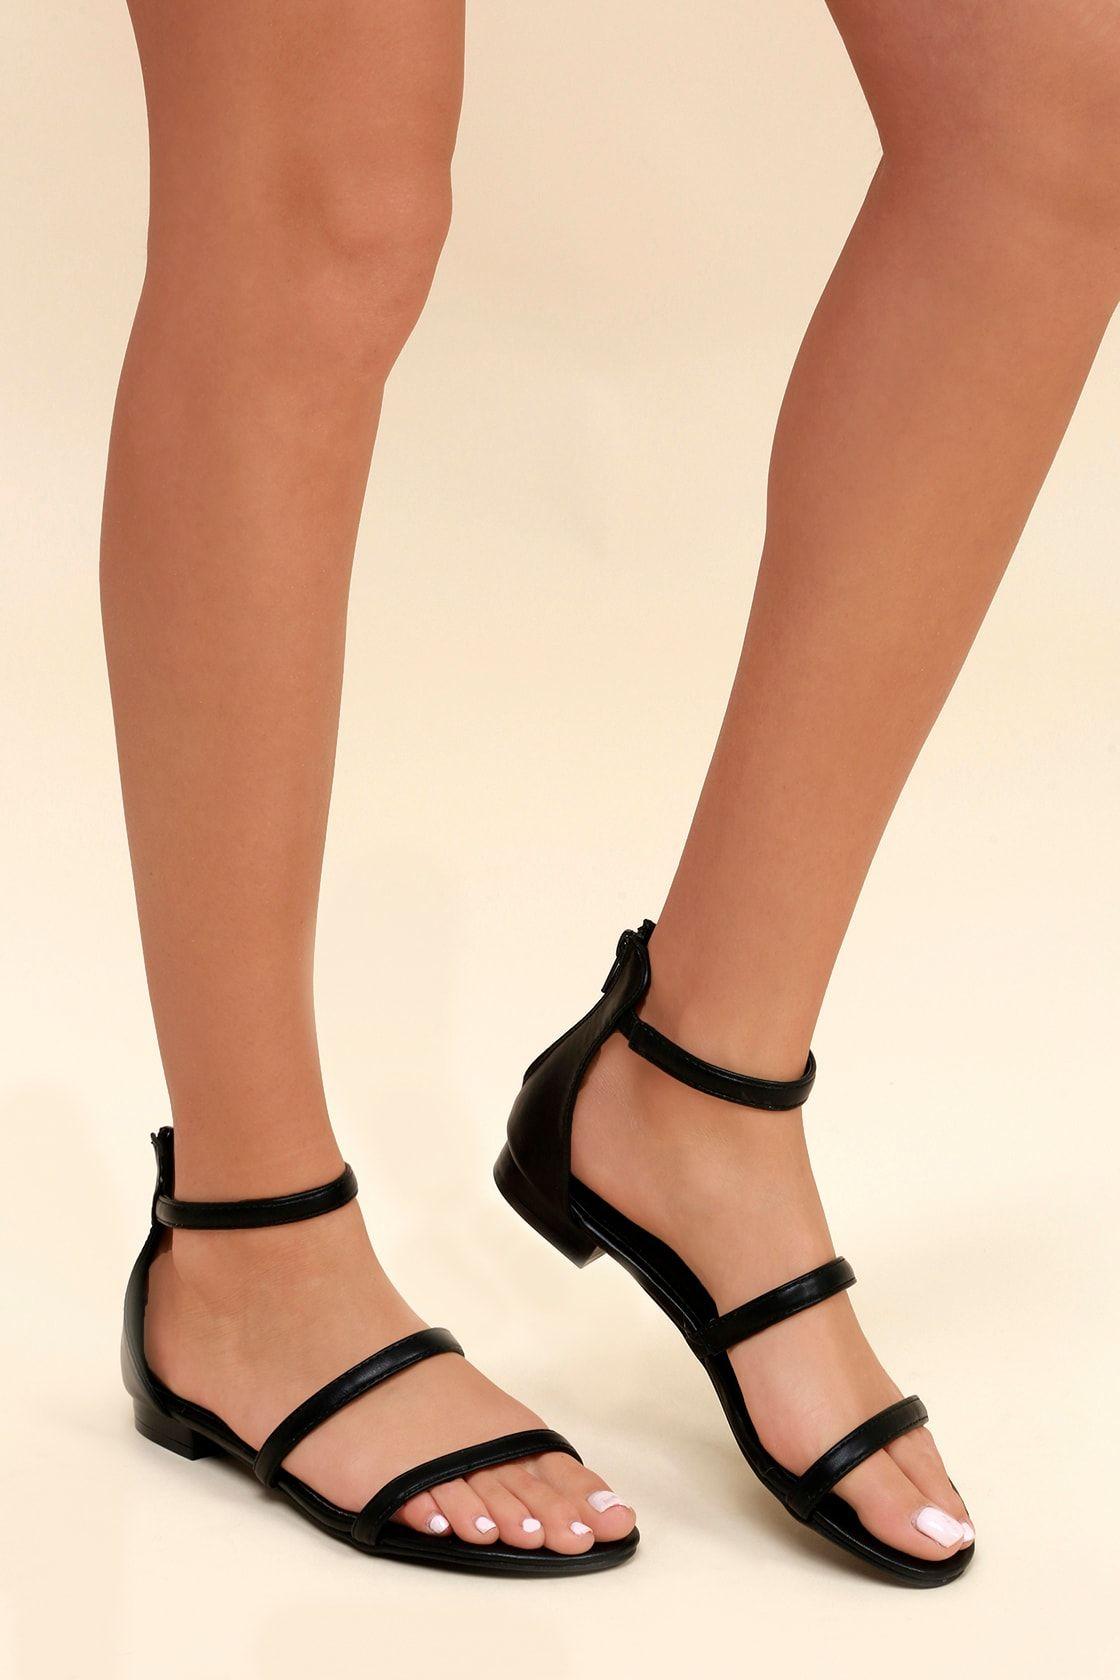 Quin Black Flat Sandals | Black sandals